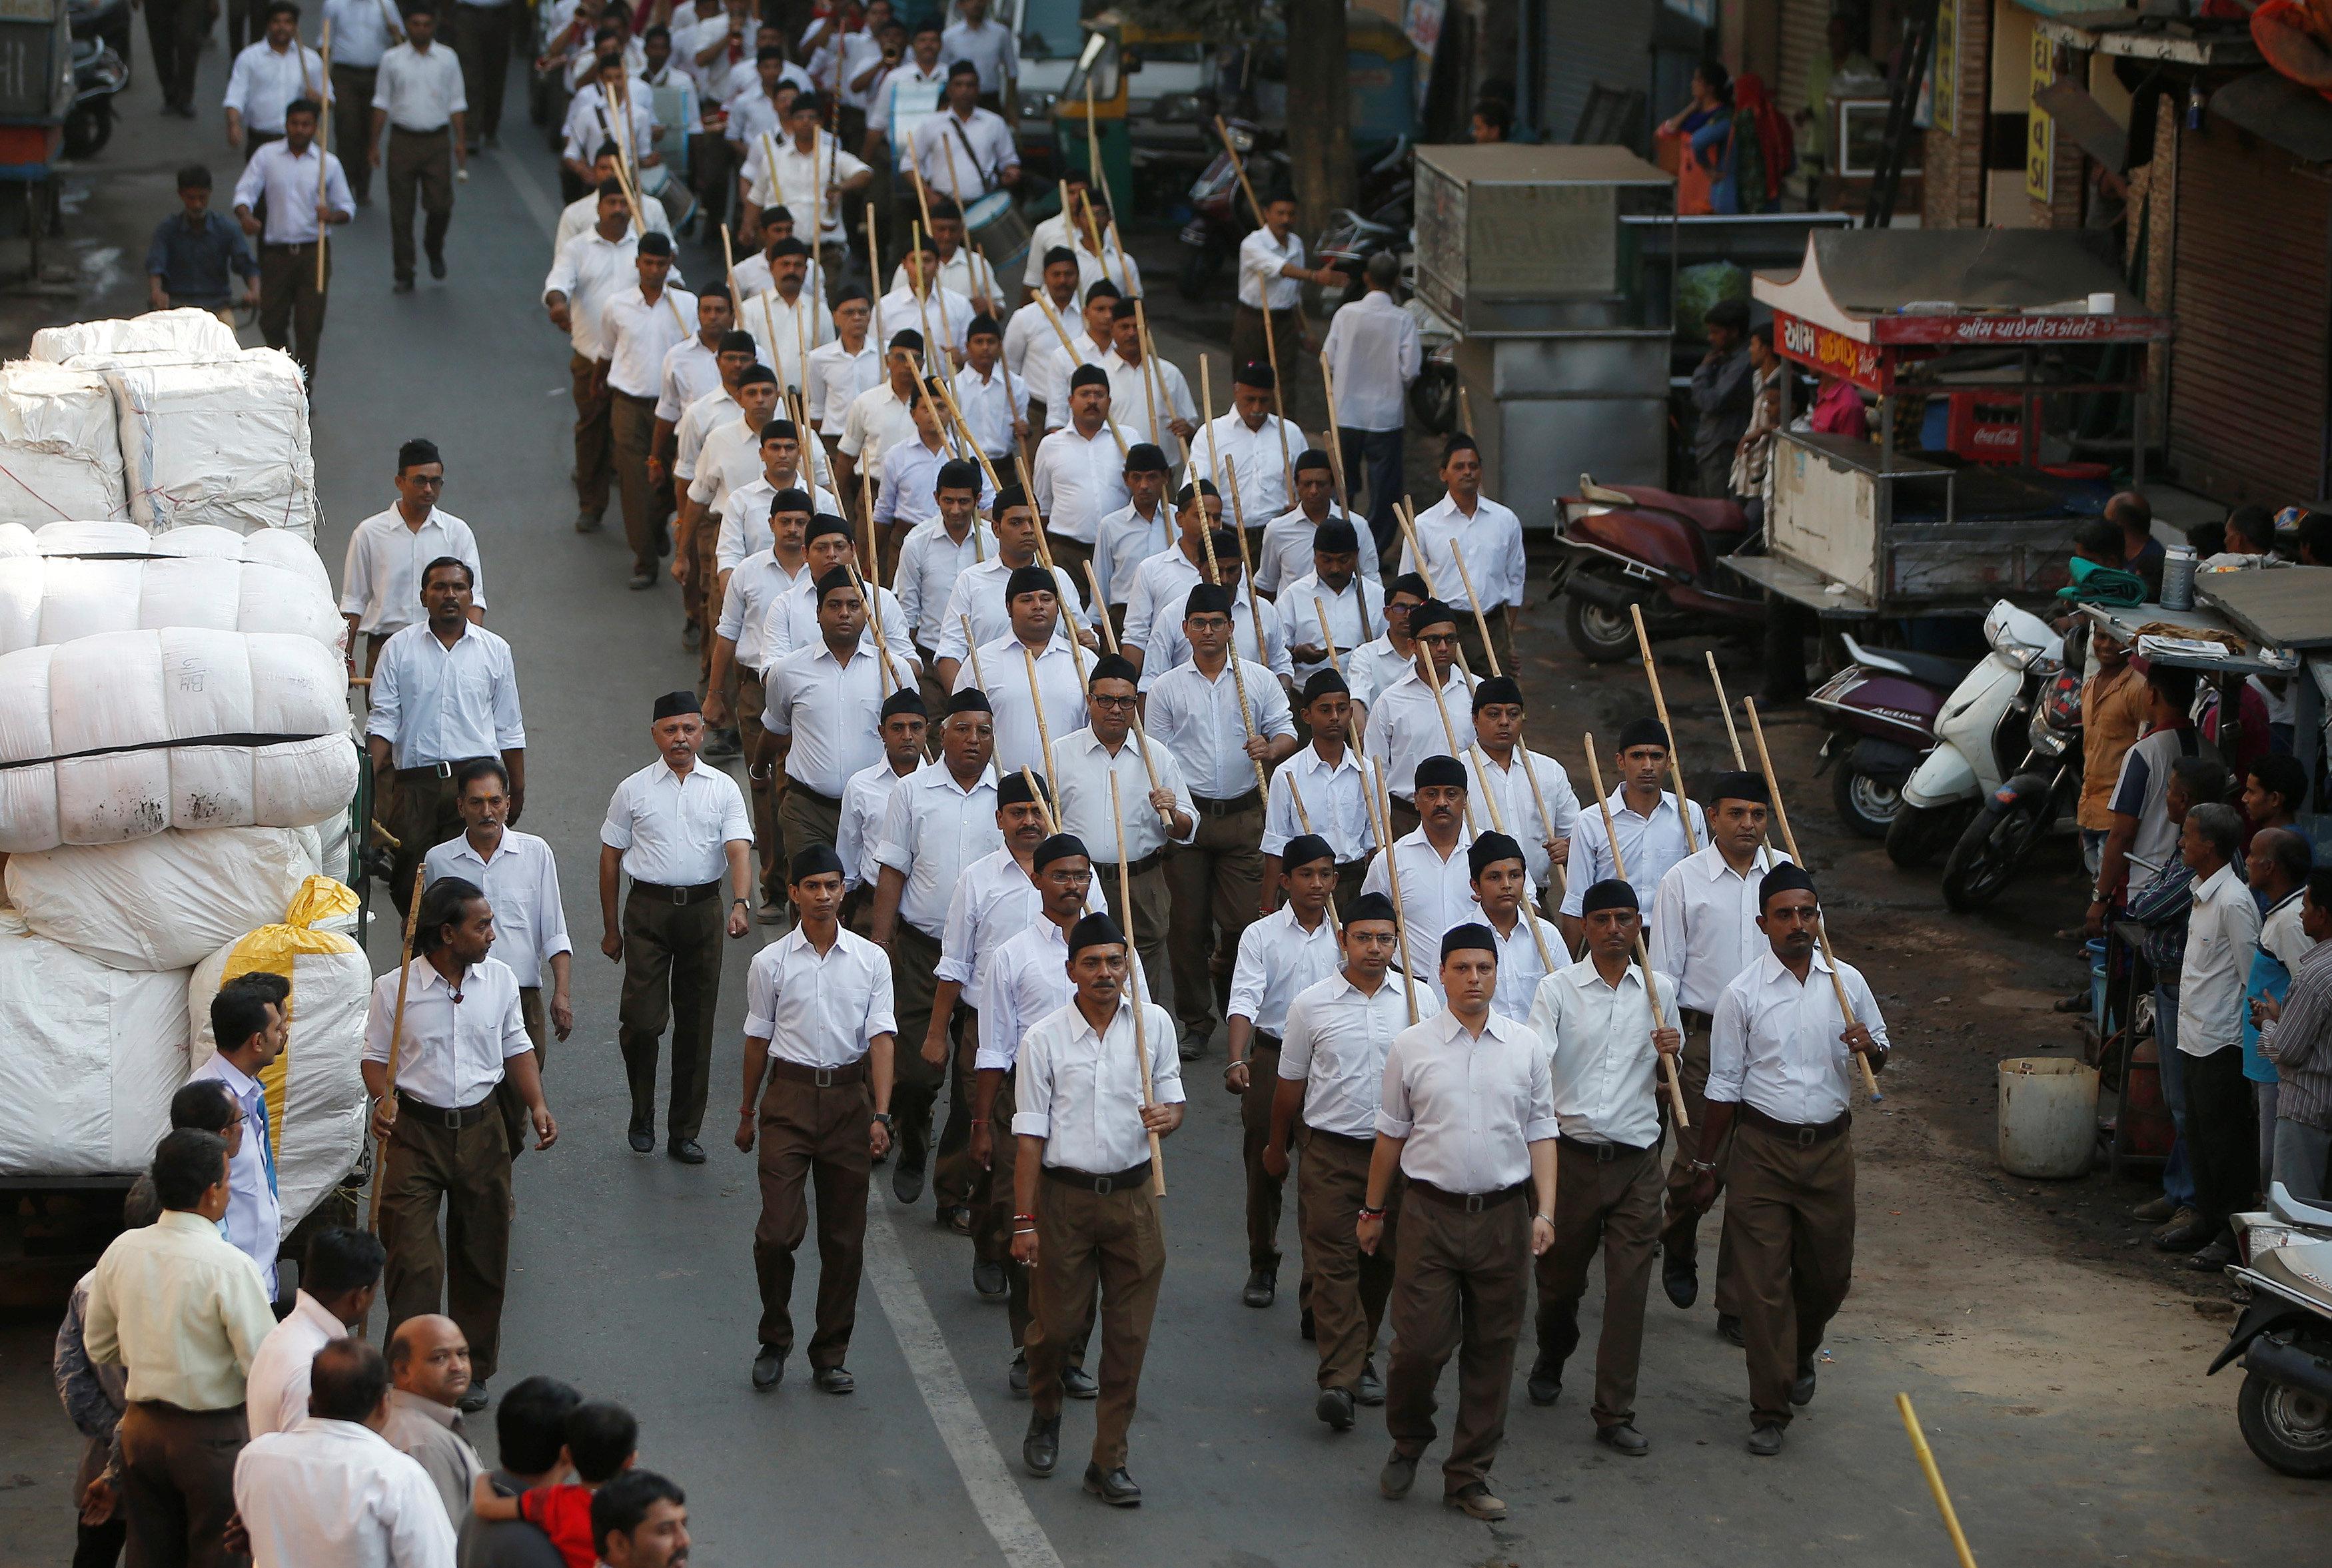 عدد من الهندوس أثناء الاحتفال بيوم الماهالايا